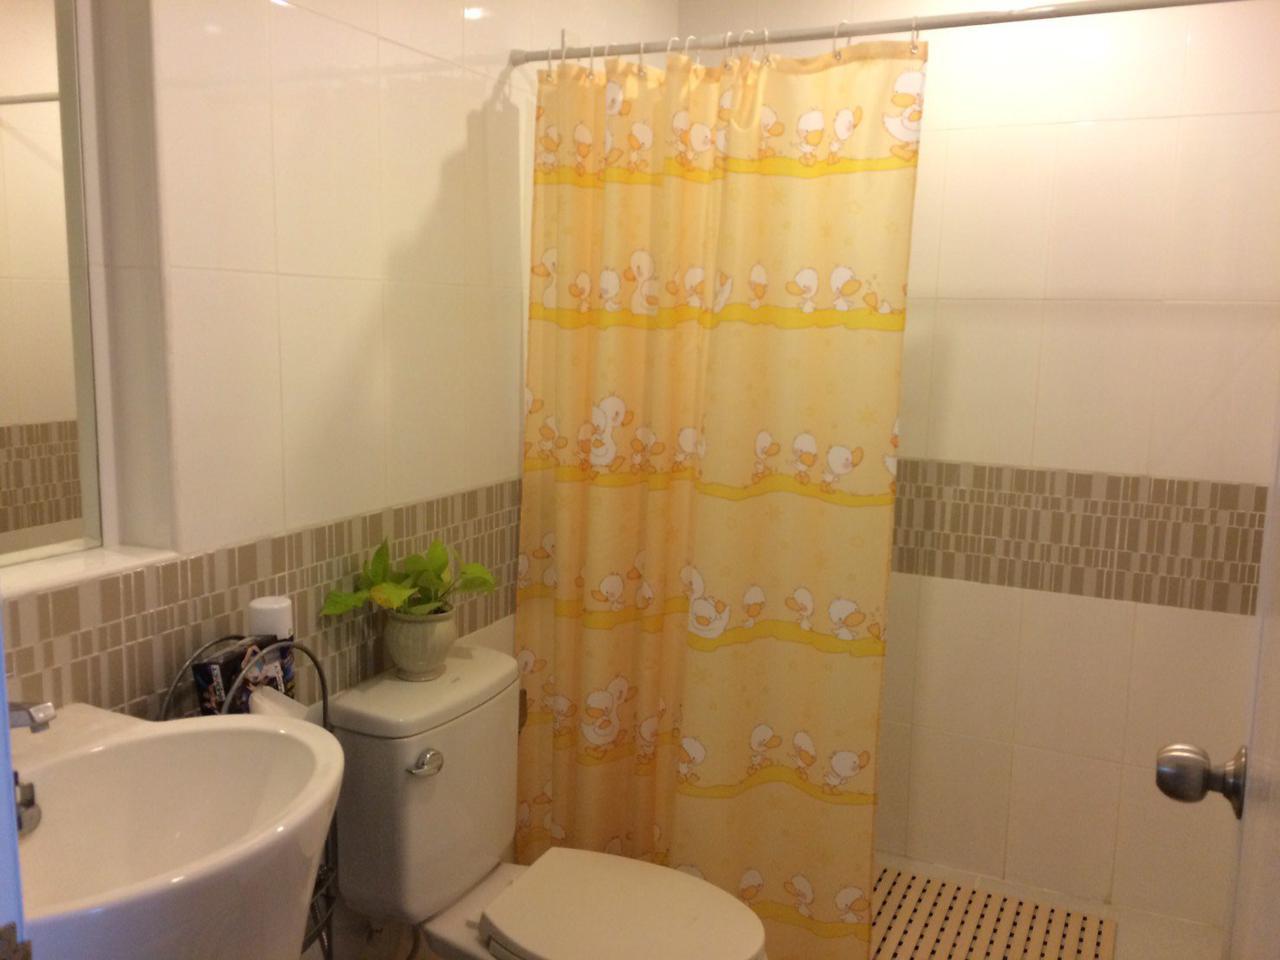 ขายบ้านทาวน์โฮม 2 ชั้น (หลังมุม) ราคาถูก ต่อรองได้ รูปที่ 2